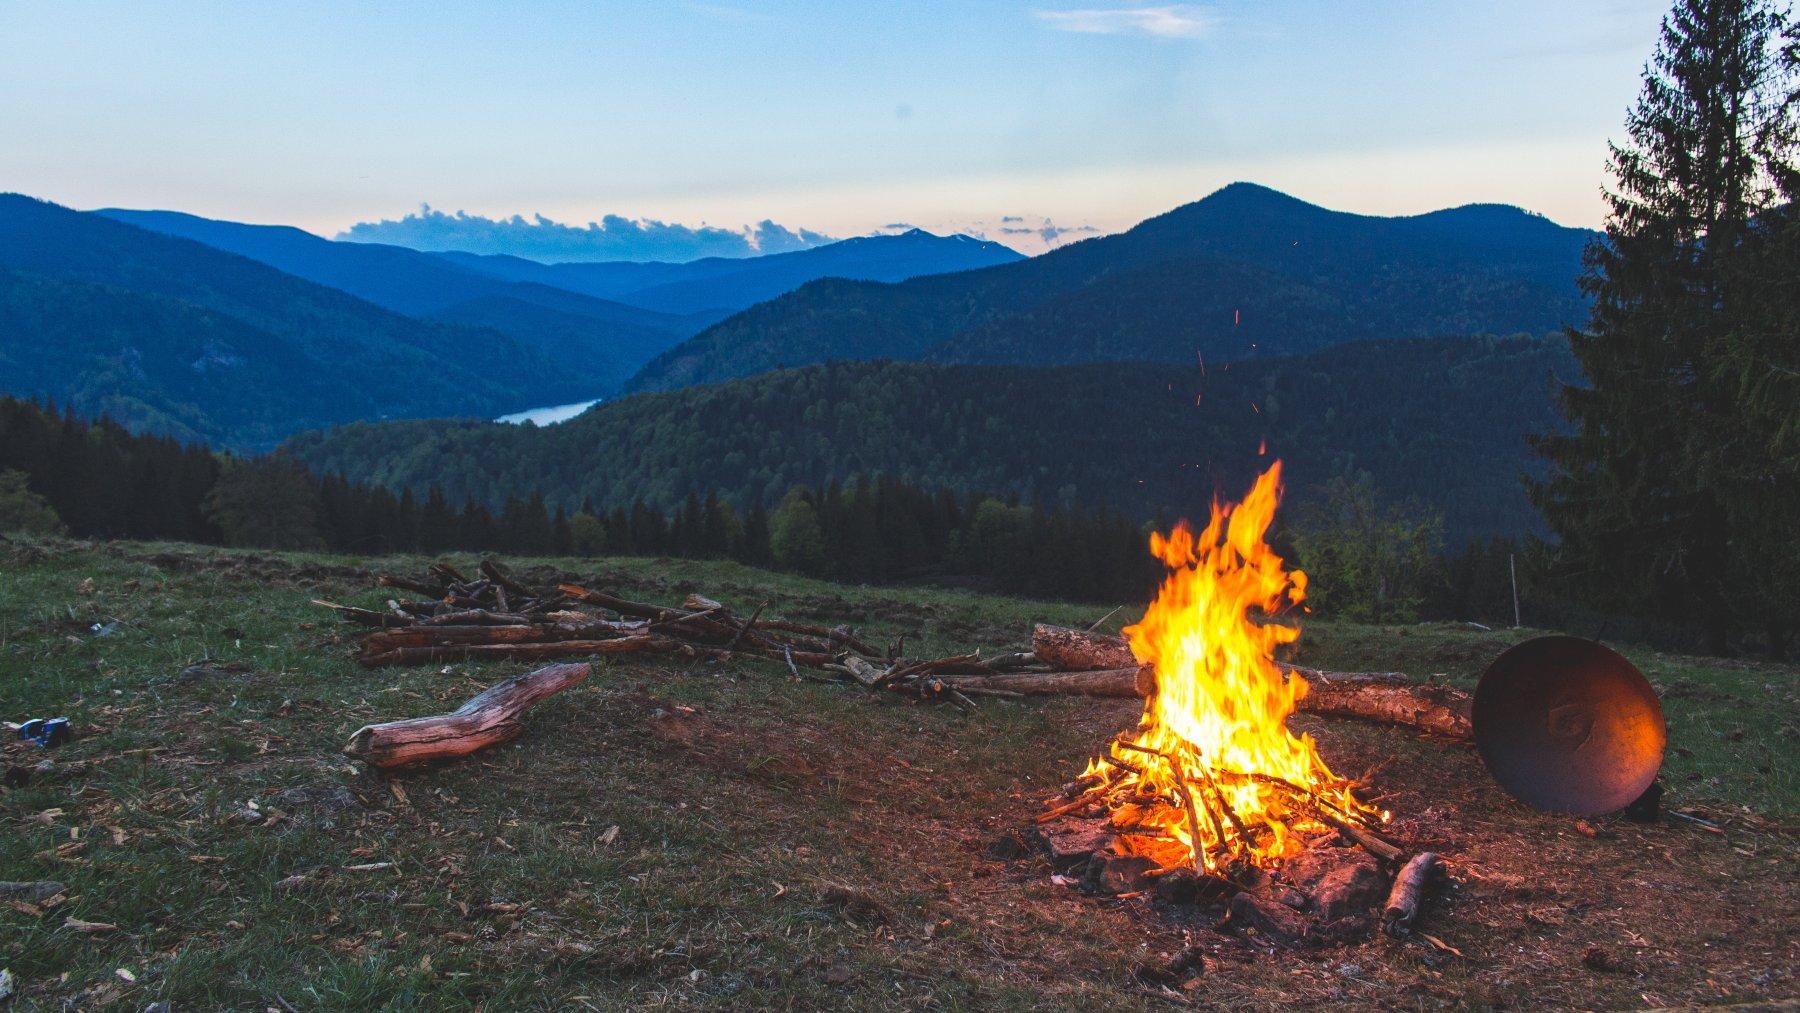 El fuego ha sido uno de los inventos más importantes de la historia